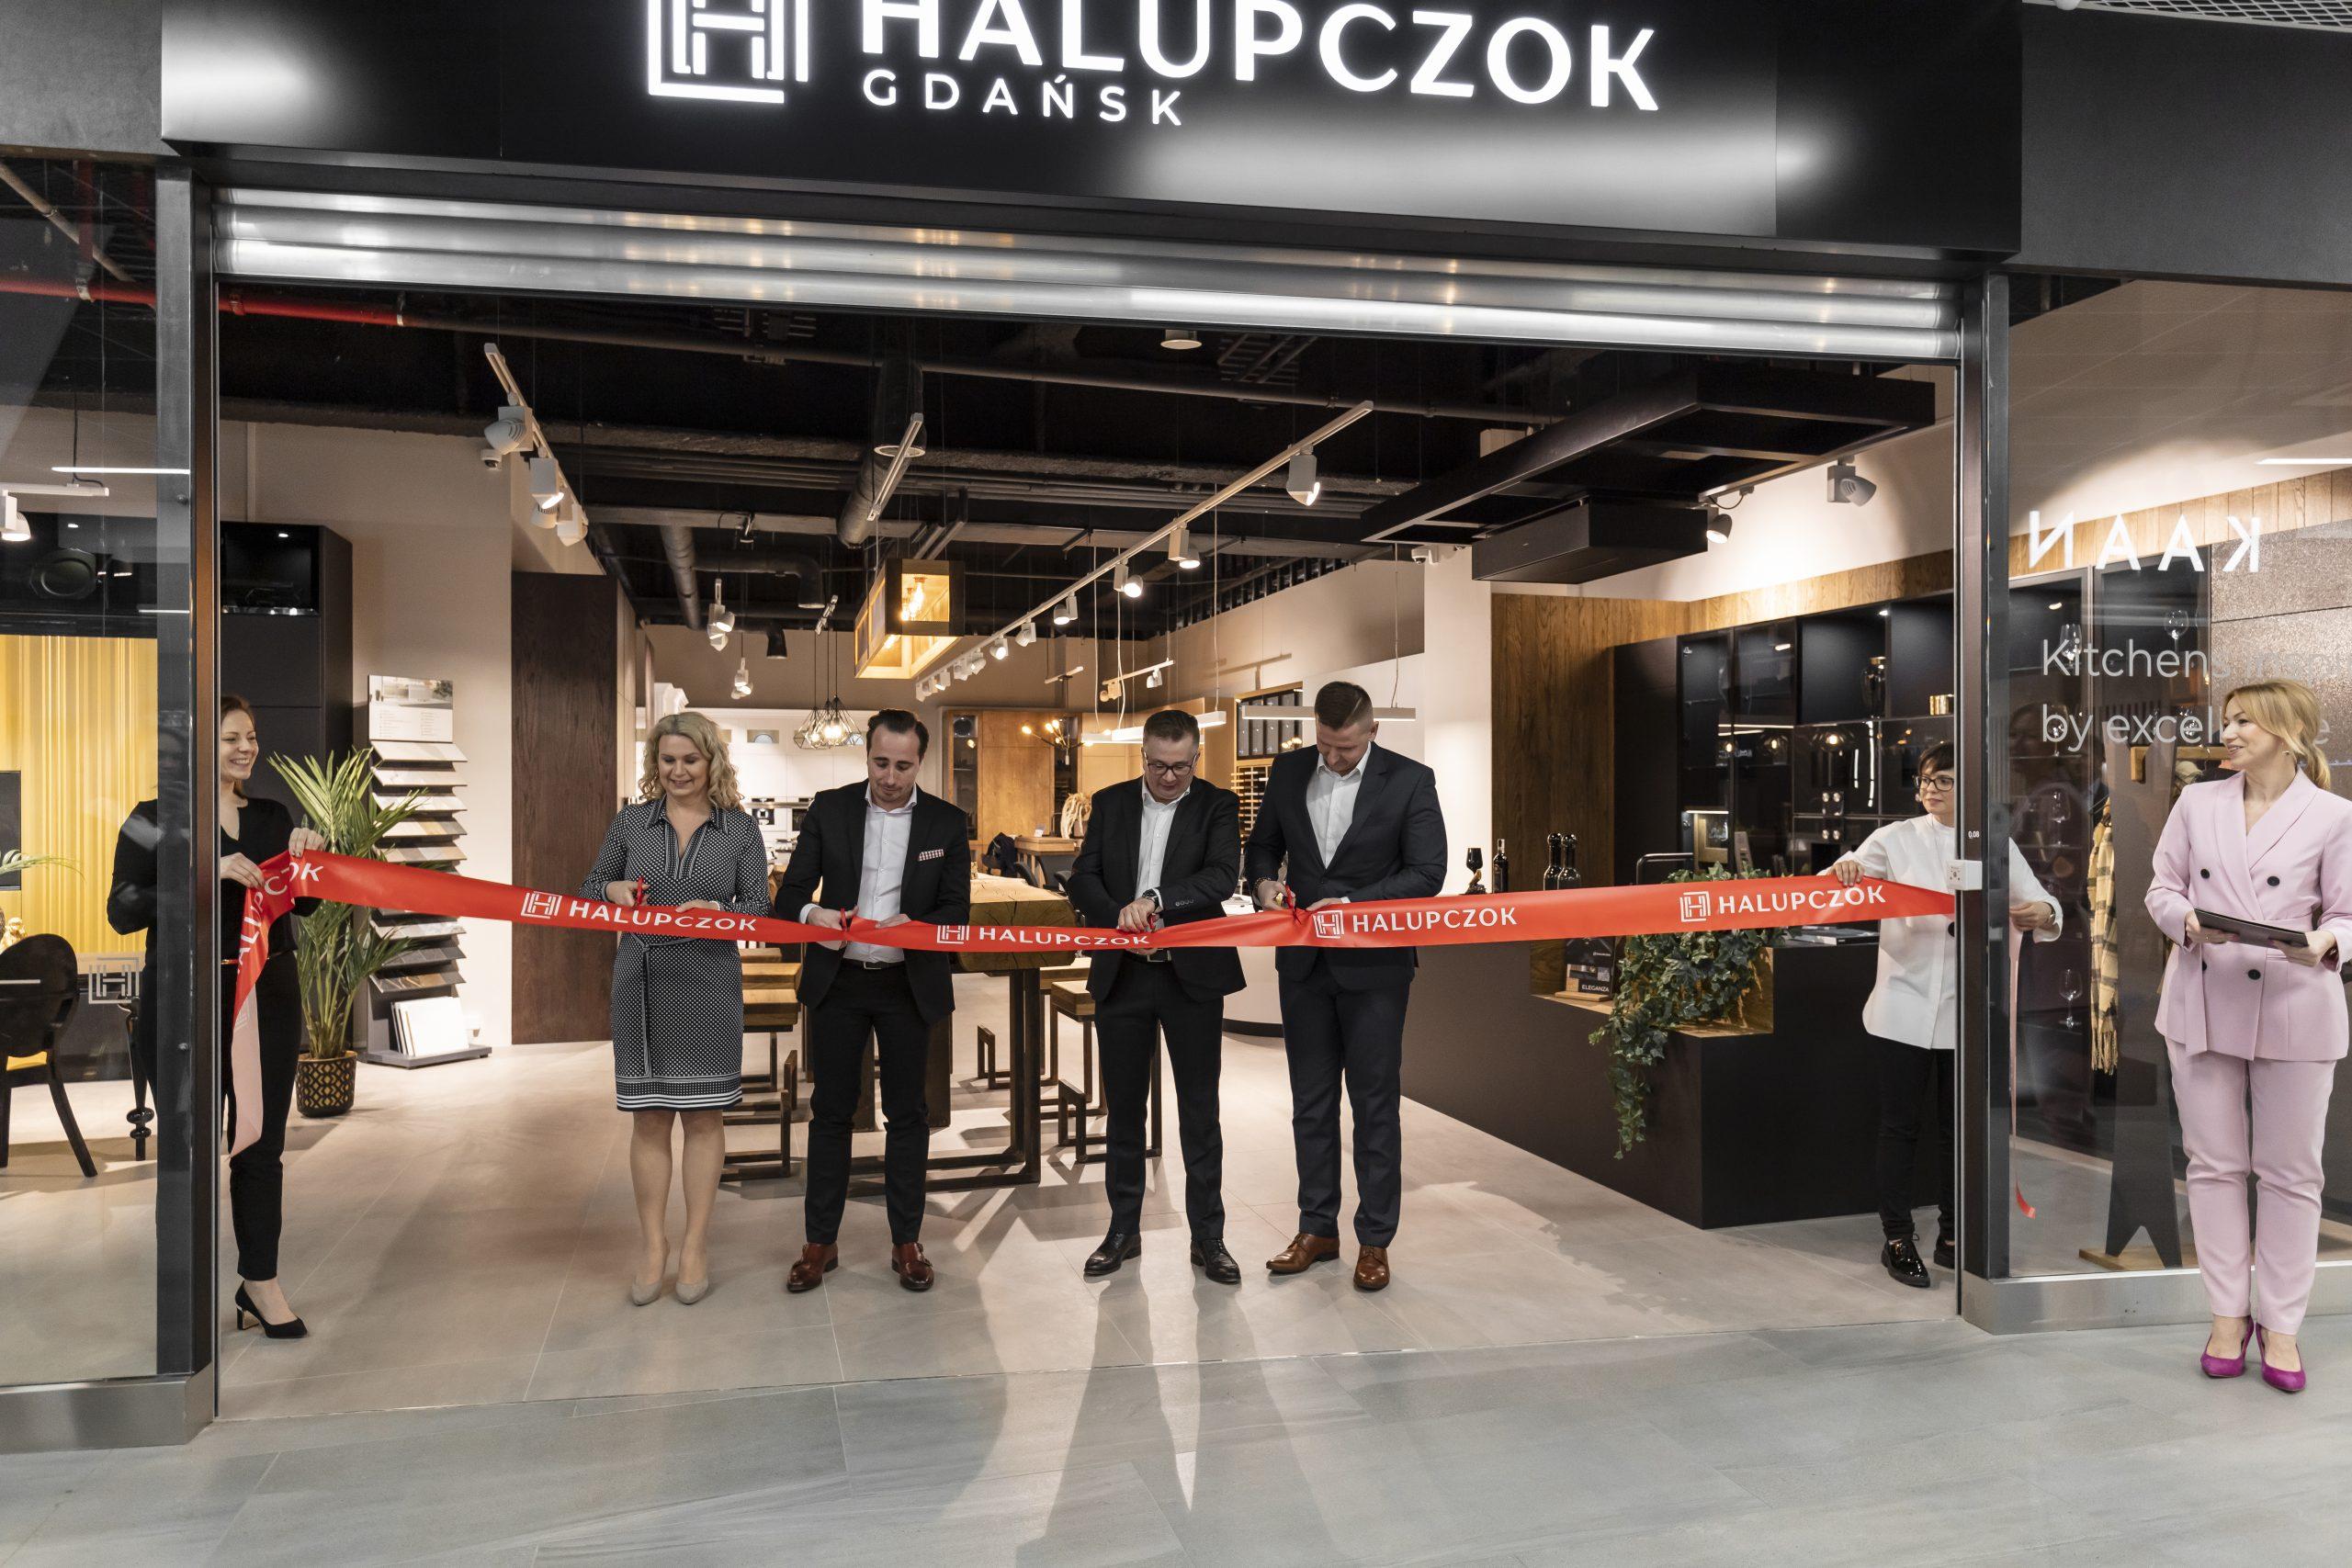 od lewej: kierownik gdańskiego showroomu Halupczok Joanna Dix, dyrektor City Meble Marek Bogacki, właściciel firmy Halupczok Adrian Halupczok, kierownik ds. kluczowych klientów marki Gaggenau Paweł Balik